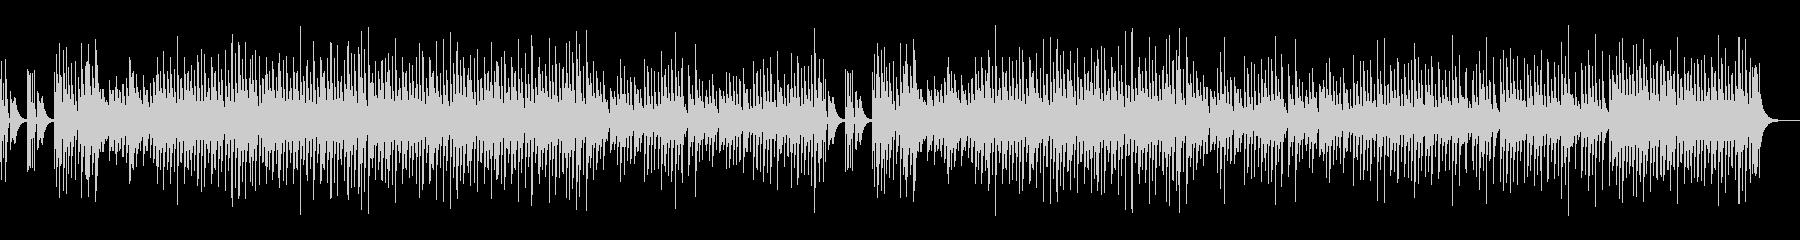 木琴のスイート&ビターな楽曲の未再生の波形